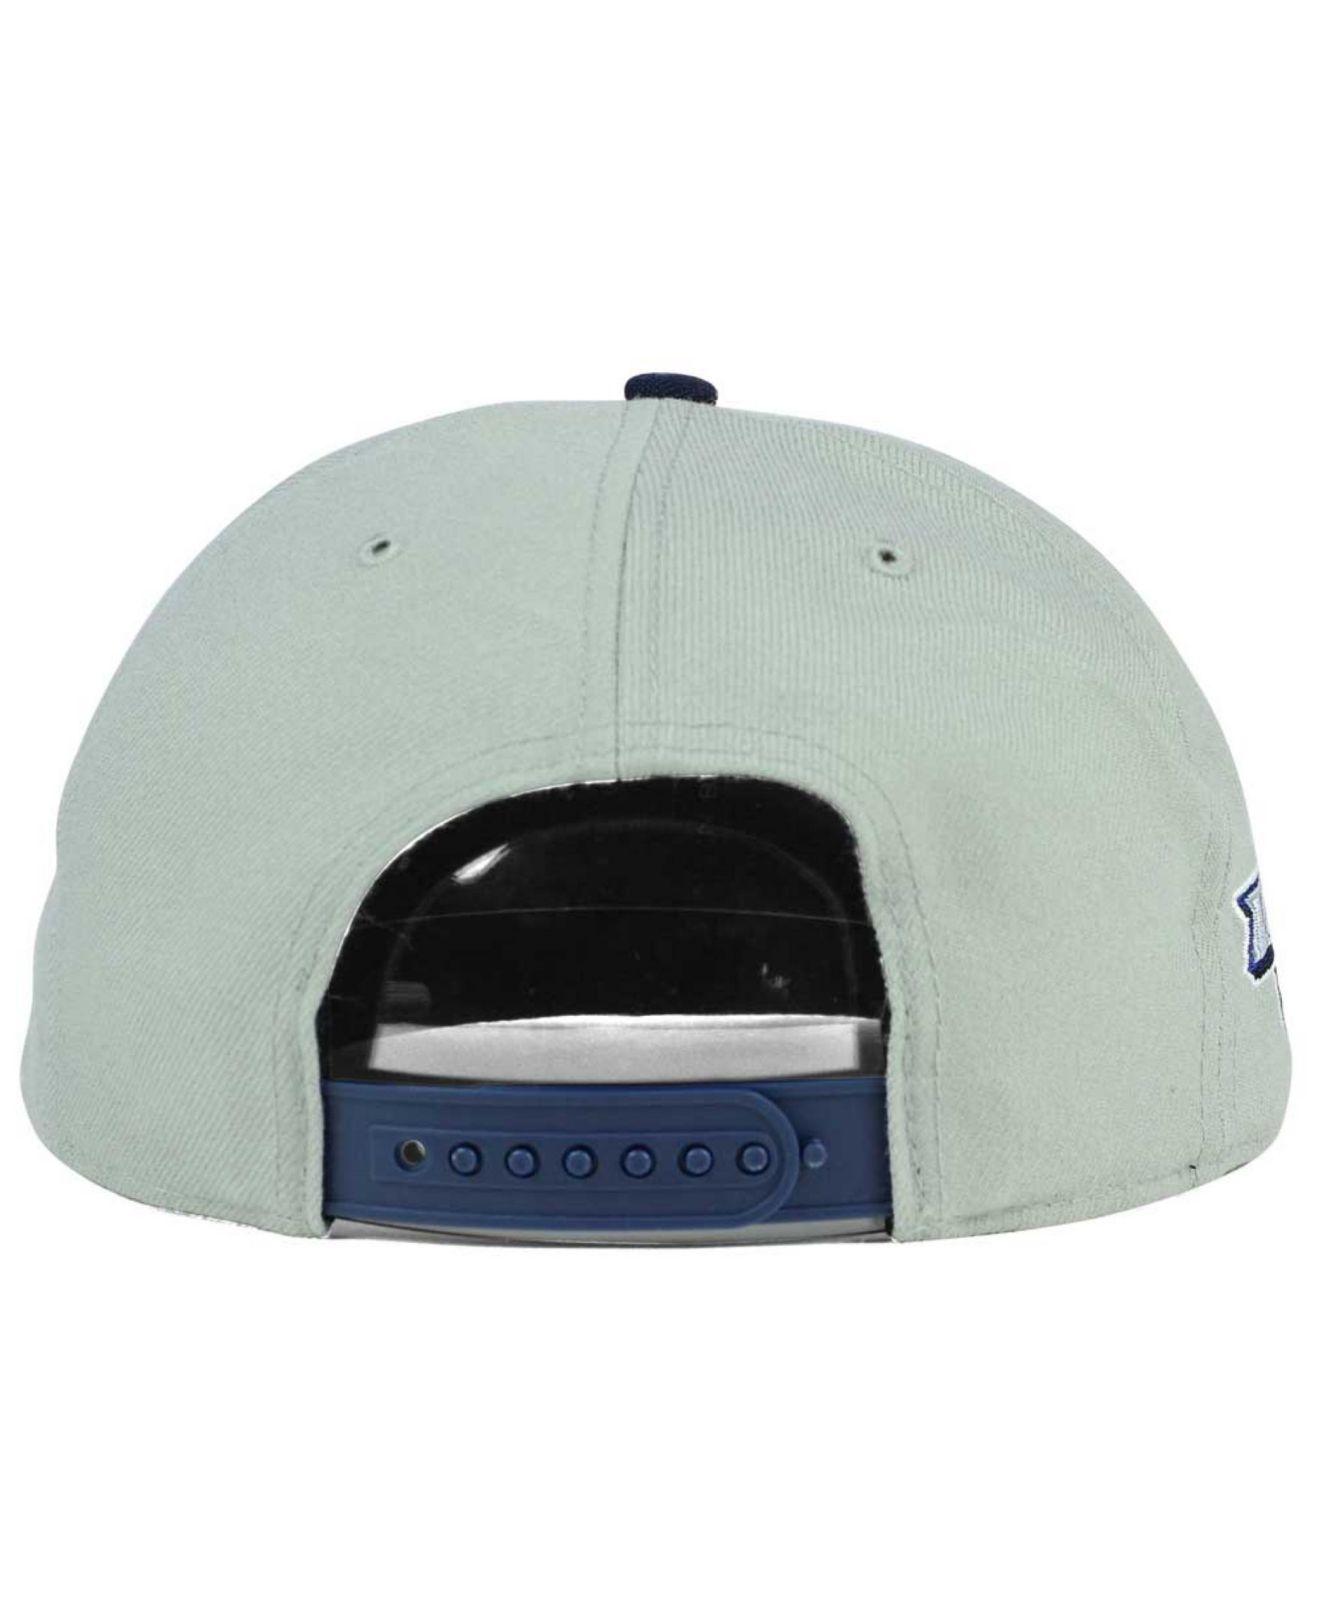 ff0a2cbc2c677 ... clean up cap e5e28 b49d9  clearance lyst 47 brand st. louis blues sure  shot snapback cap in blue for men